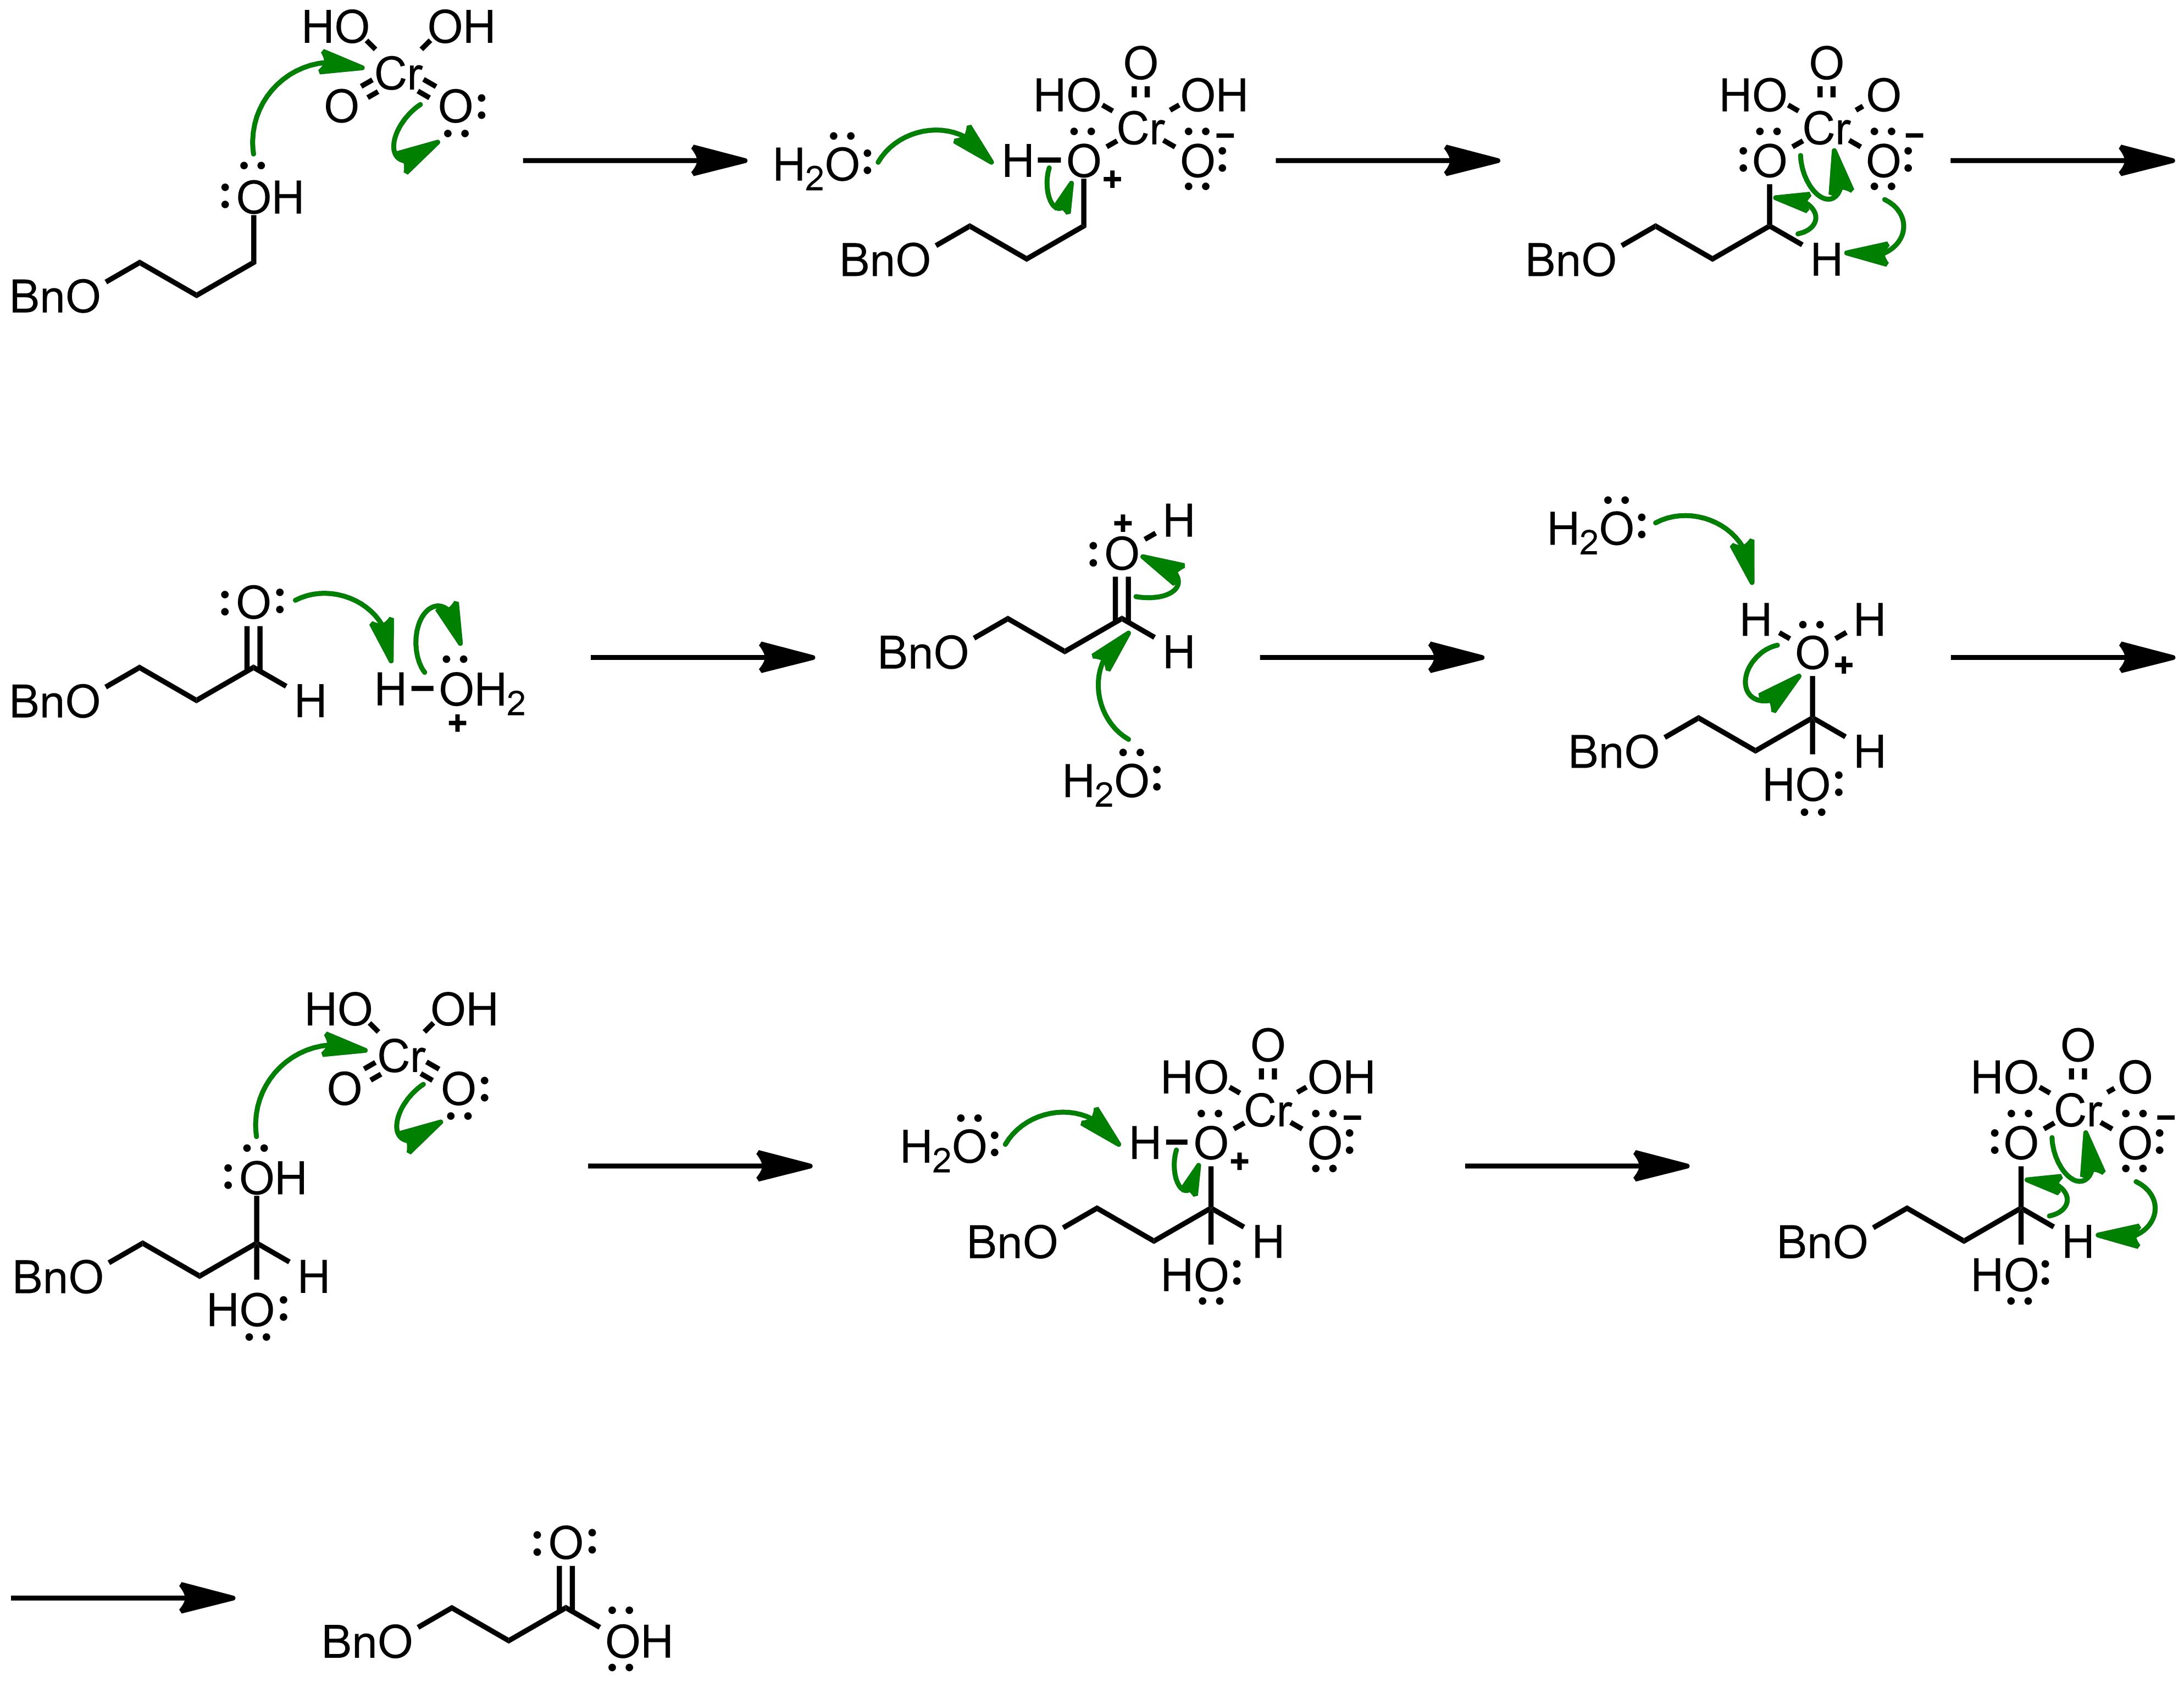 Mechanism of the Jones Oxidation